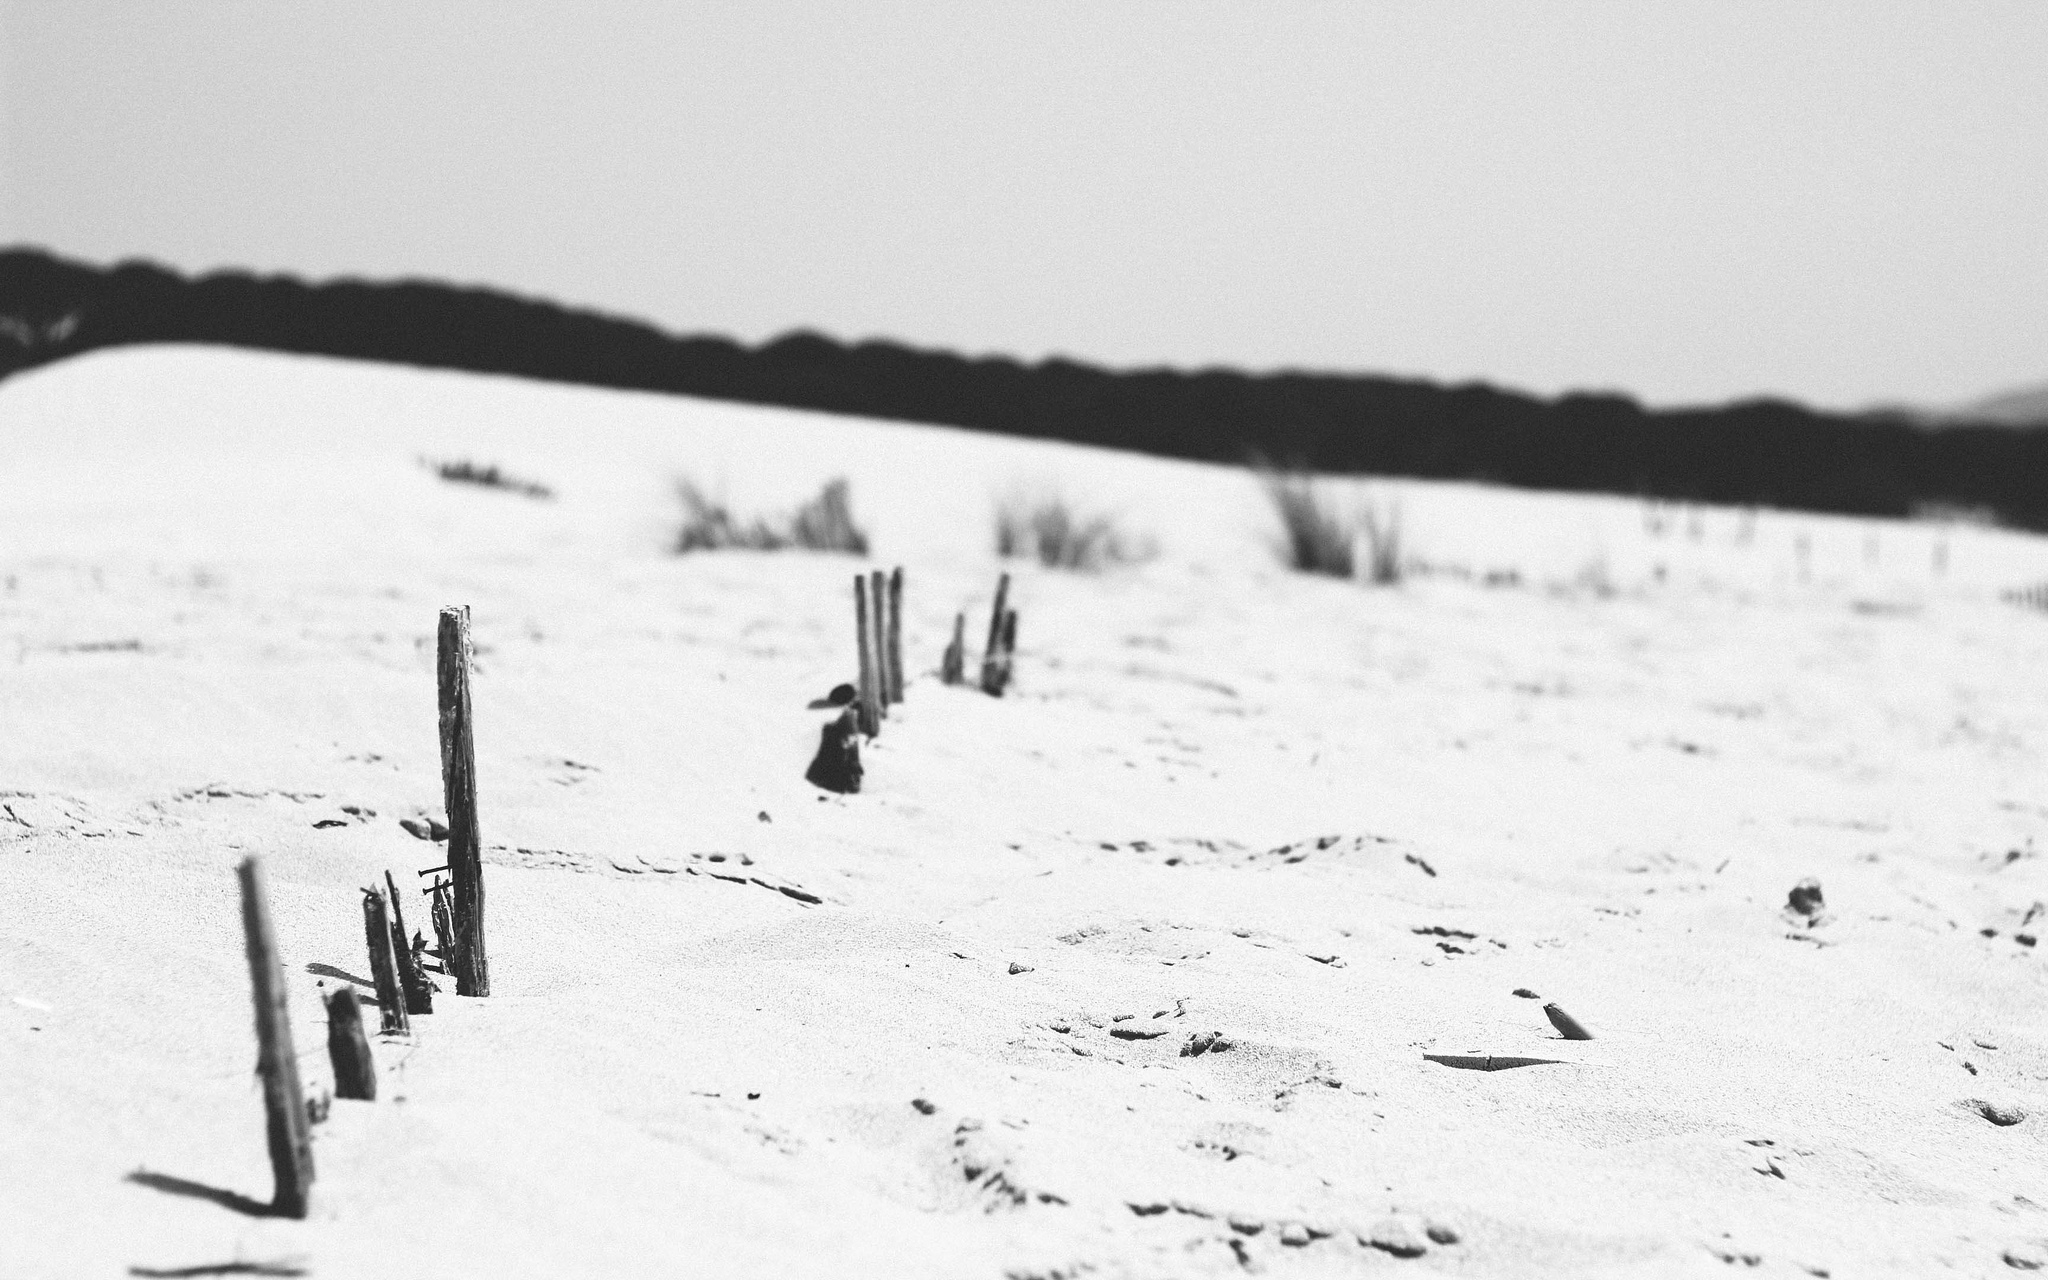 Seis poemas de invierno y nieve